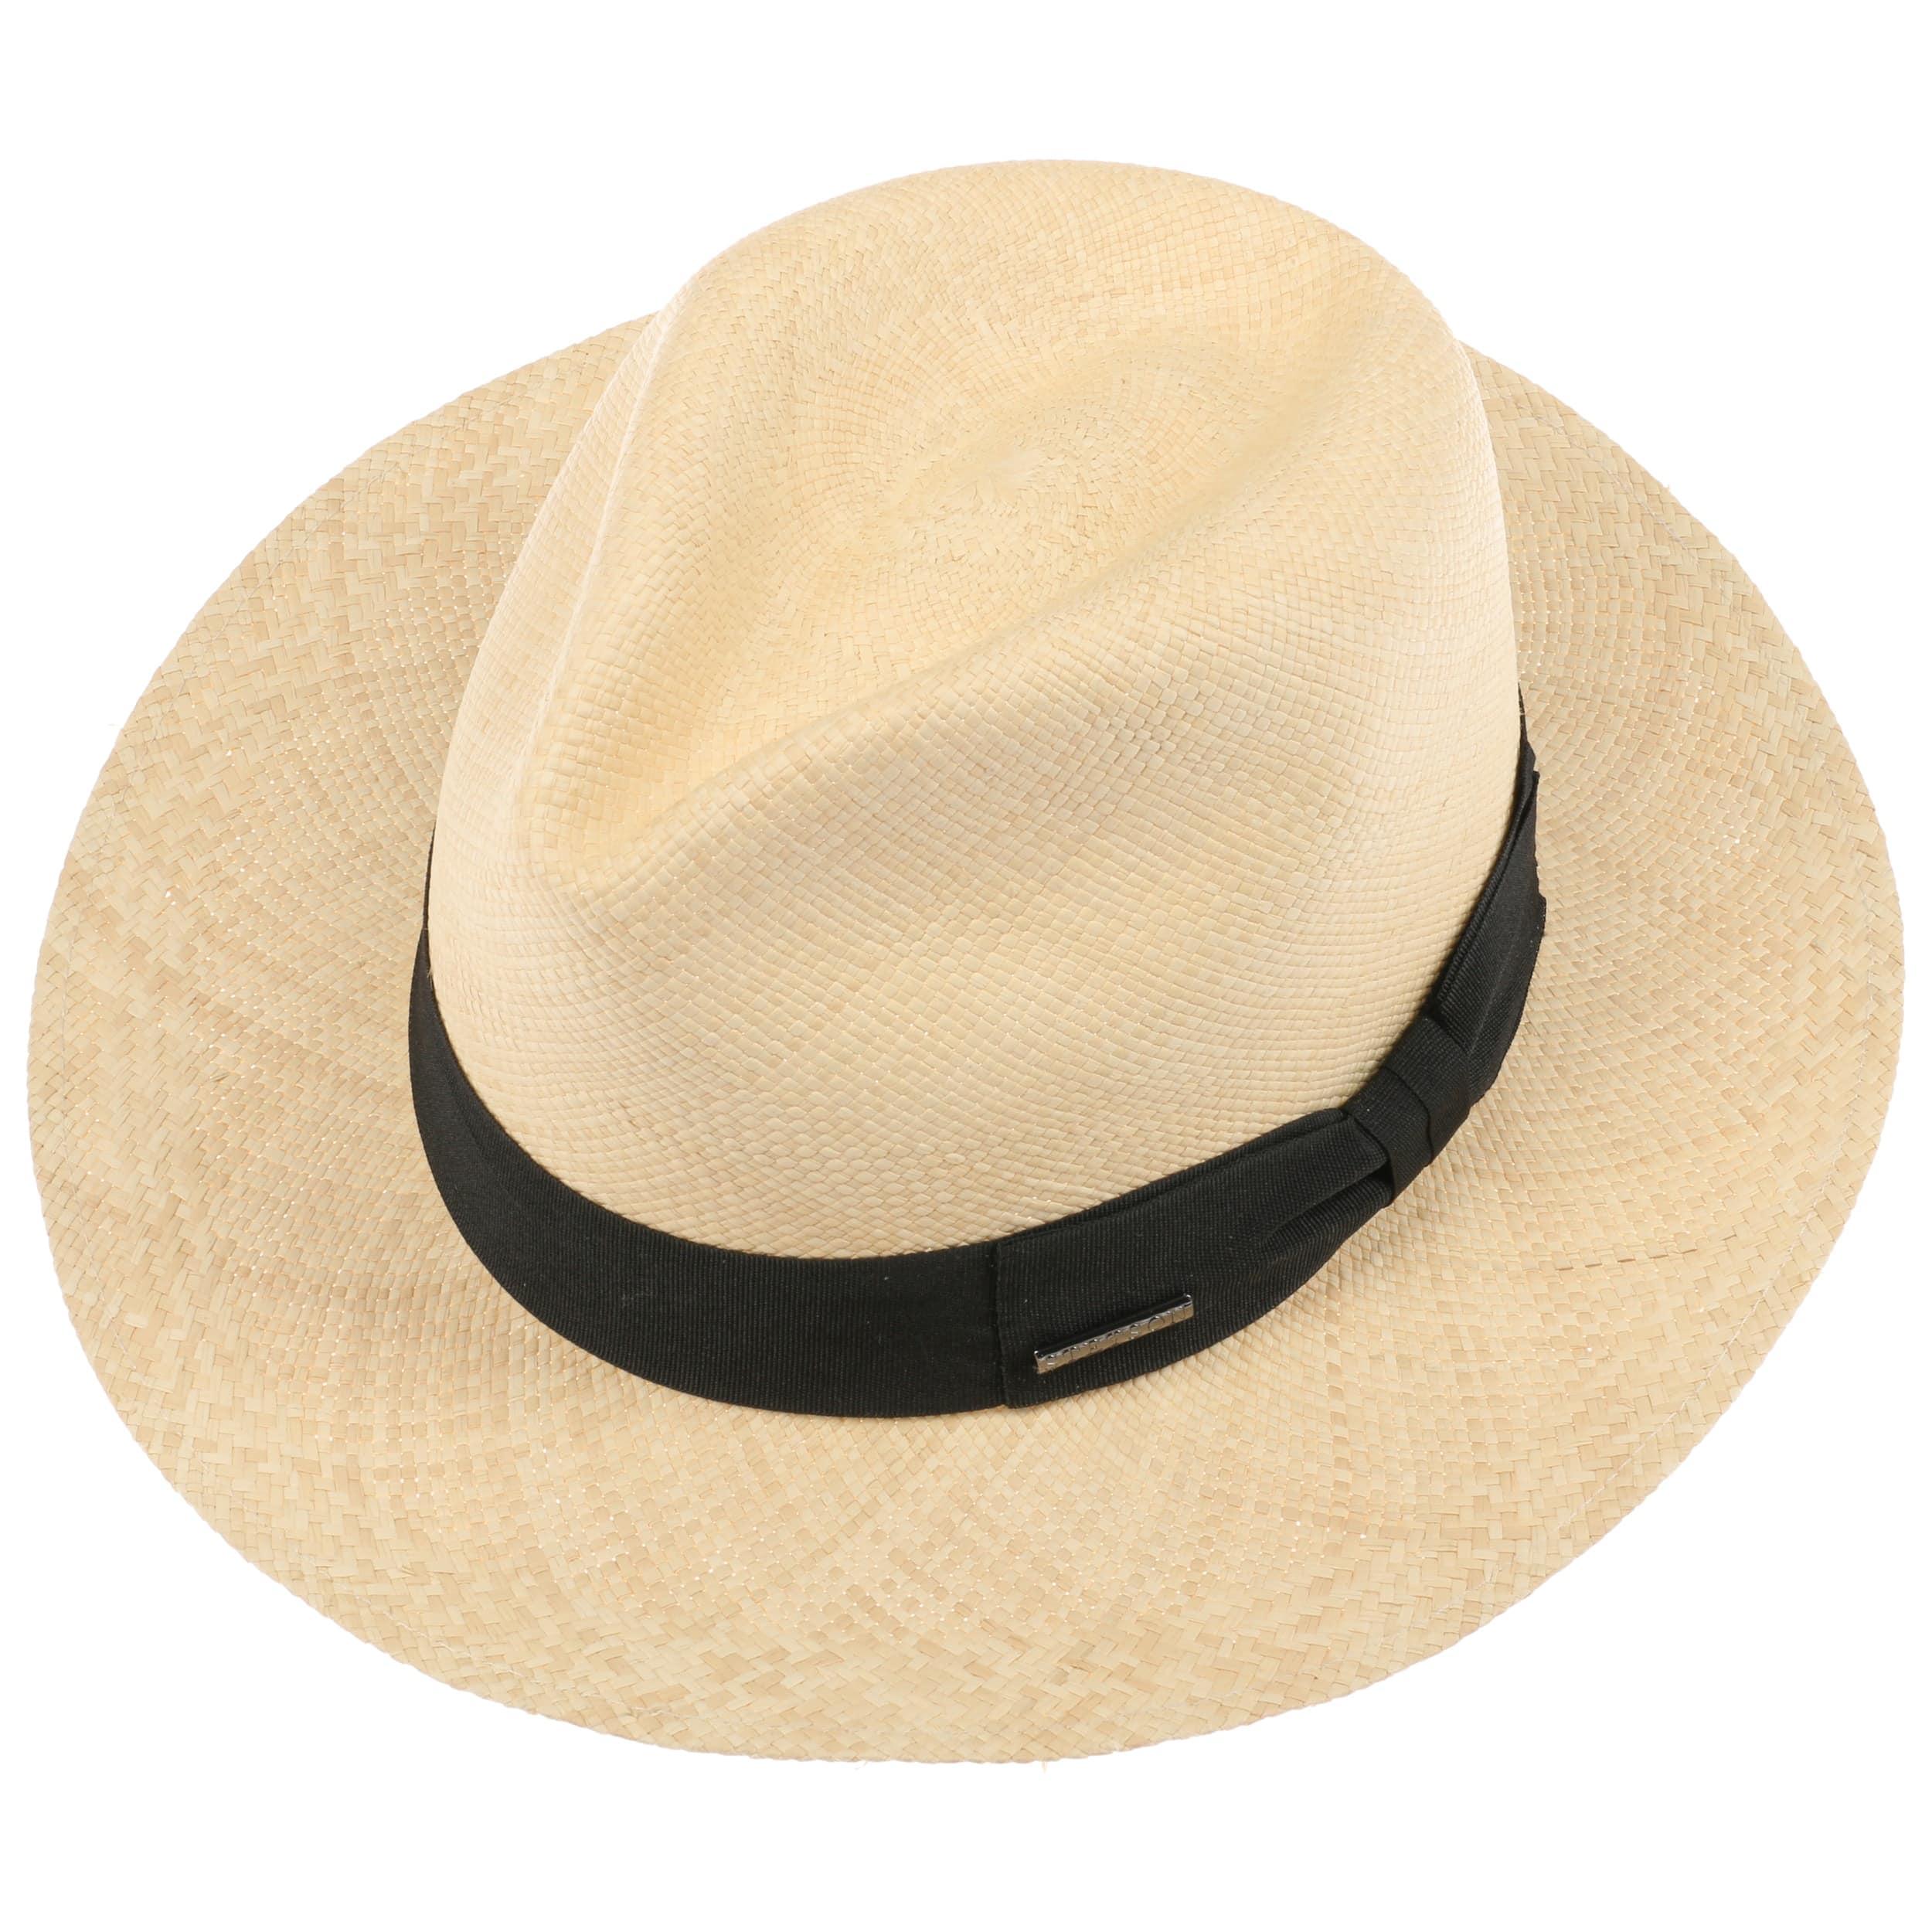 bbb8483963f1 Valmora Fedora Panama Hat by Stetson - nature 1 ...